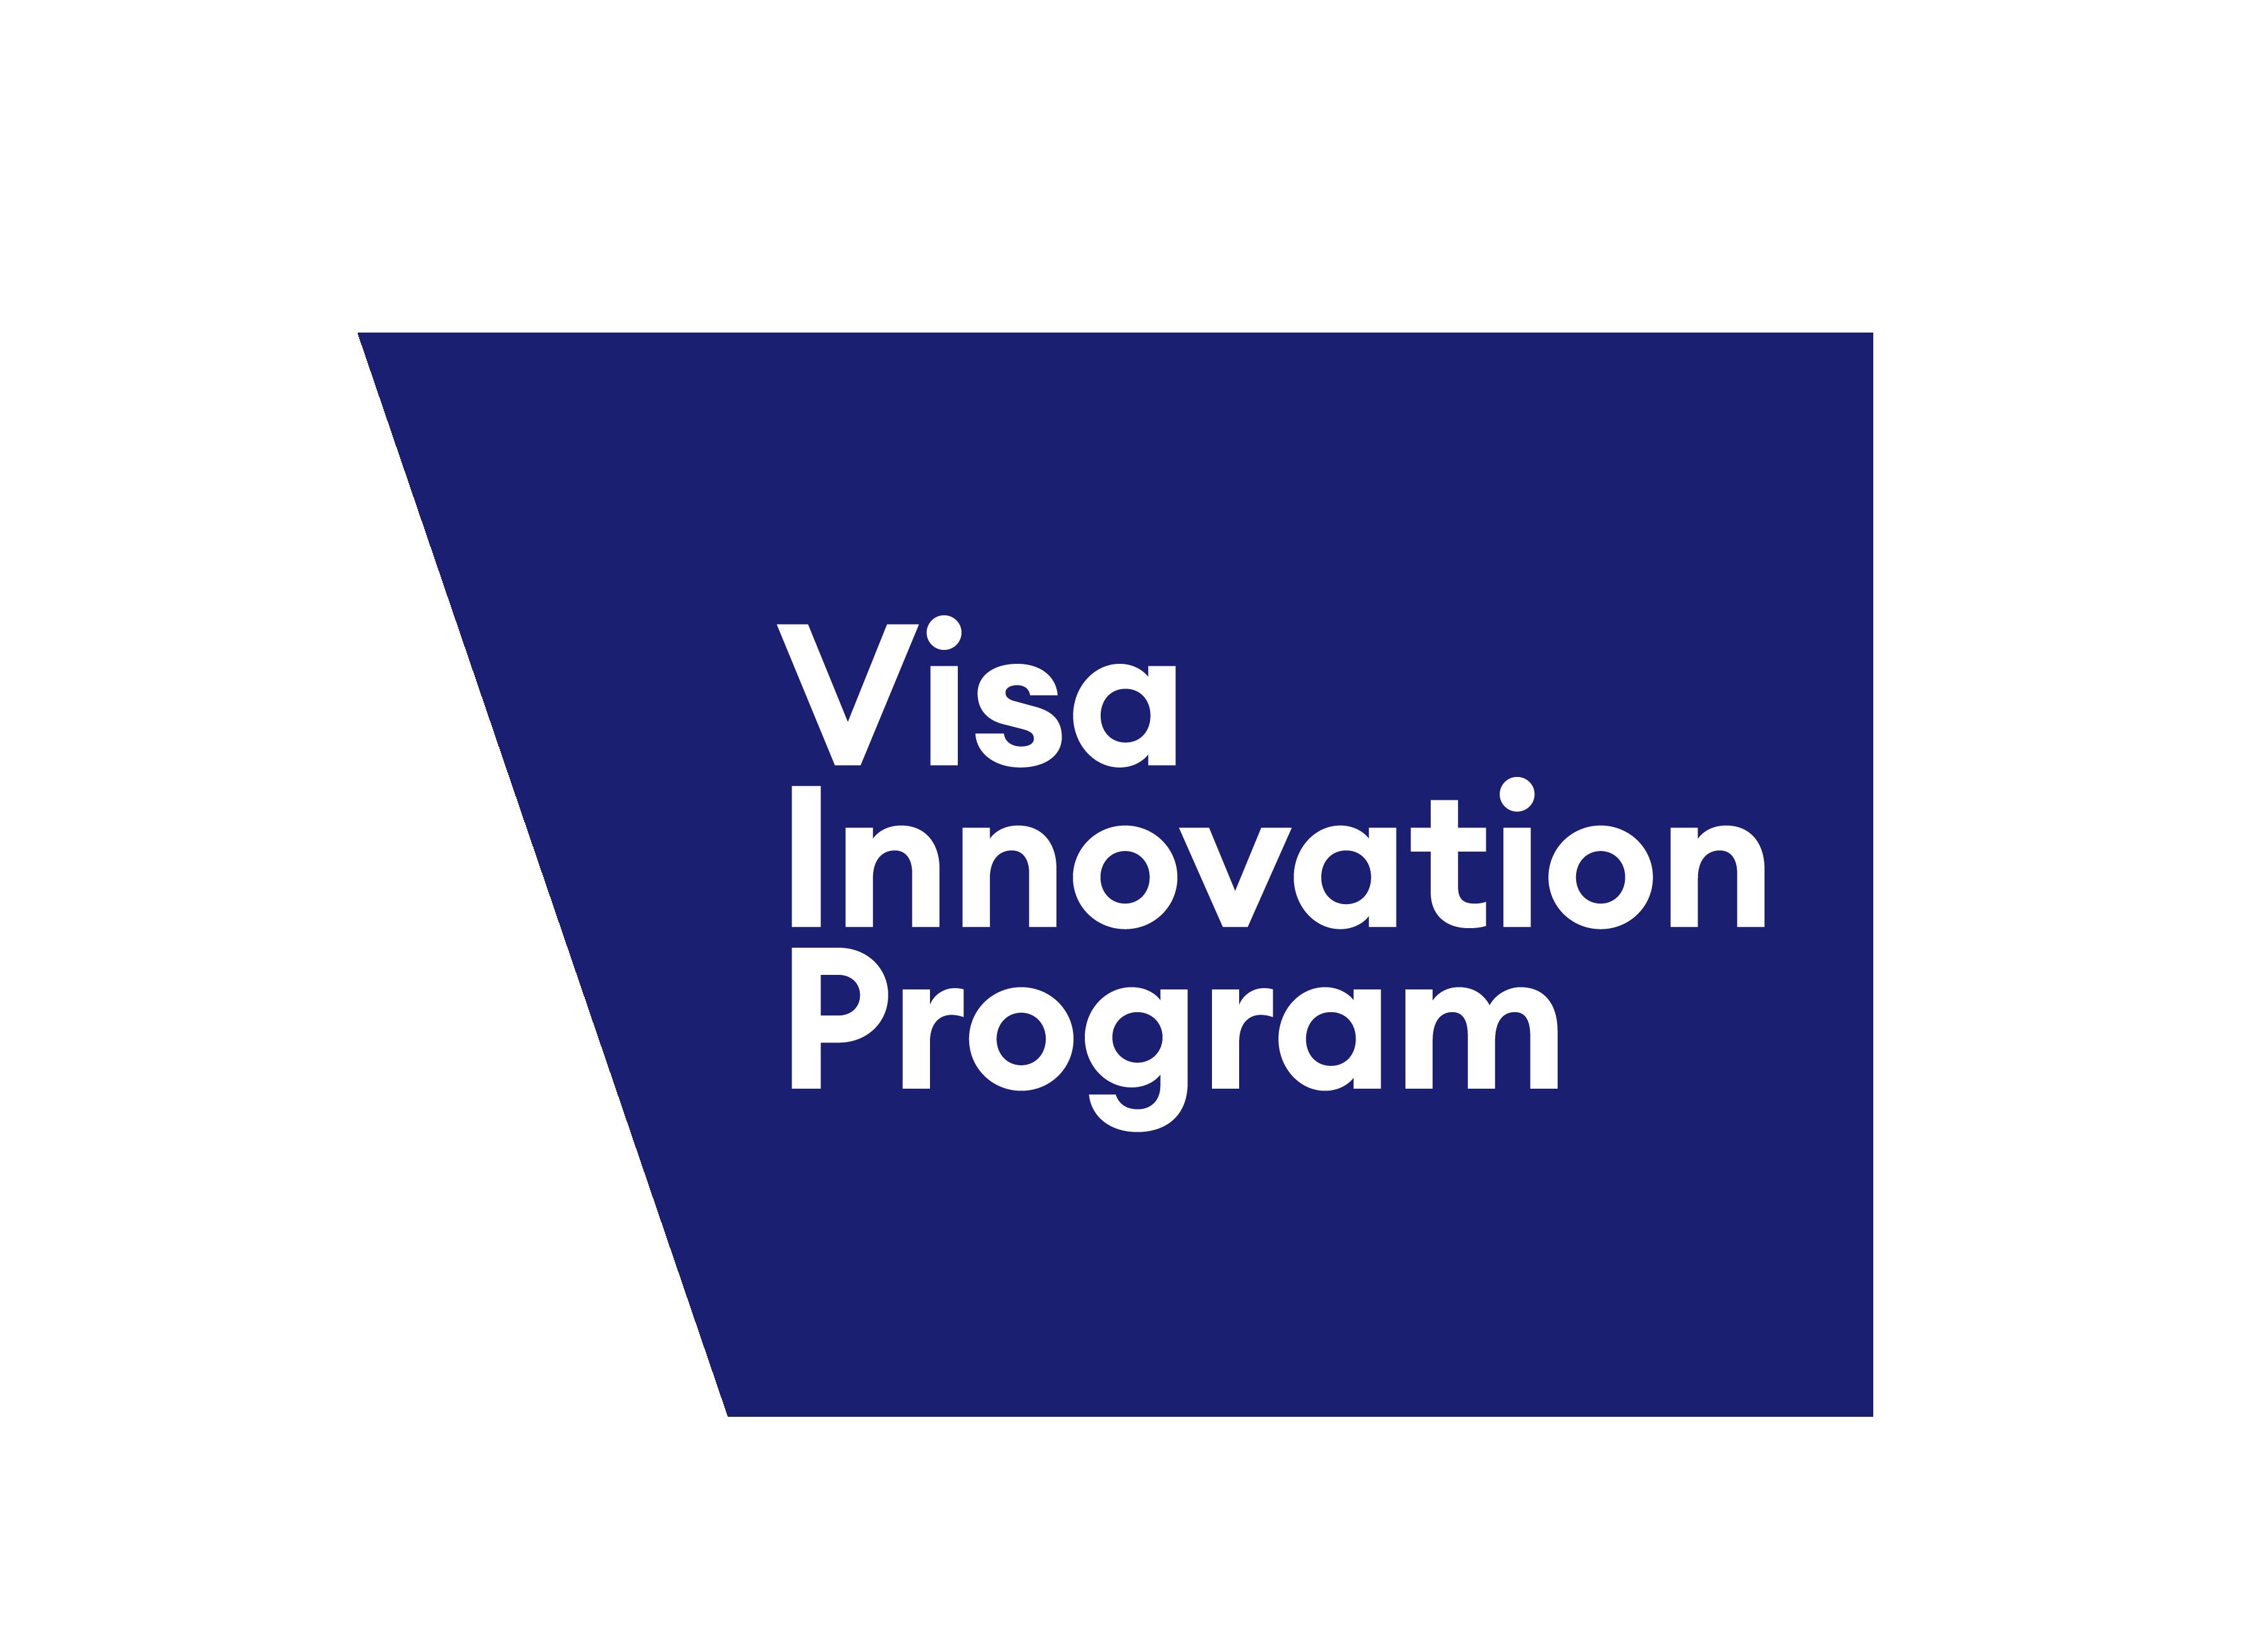 Visa Innovation Program Logo